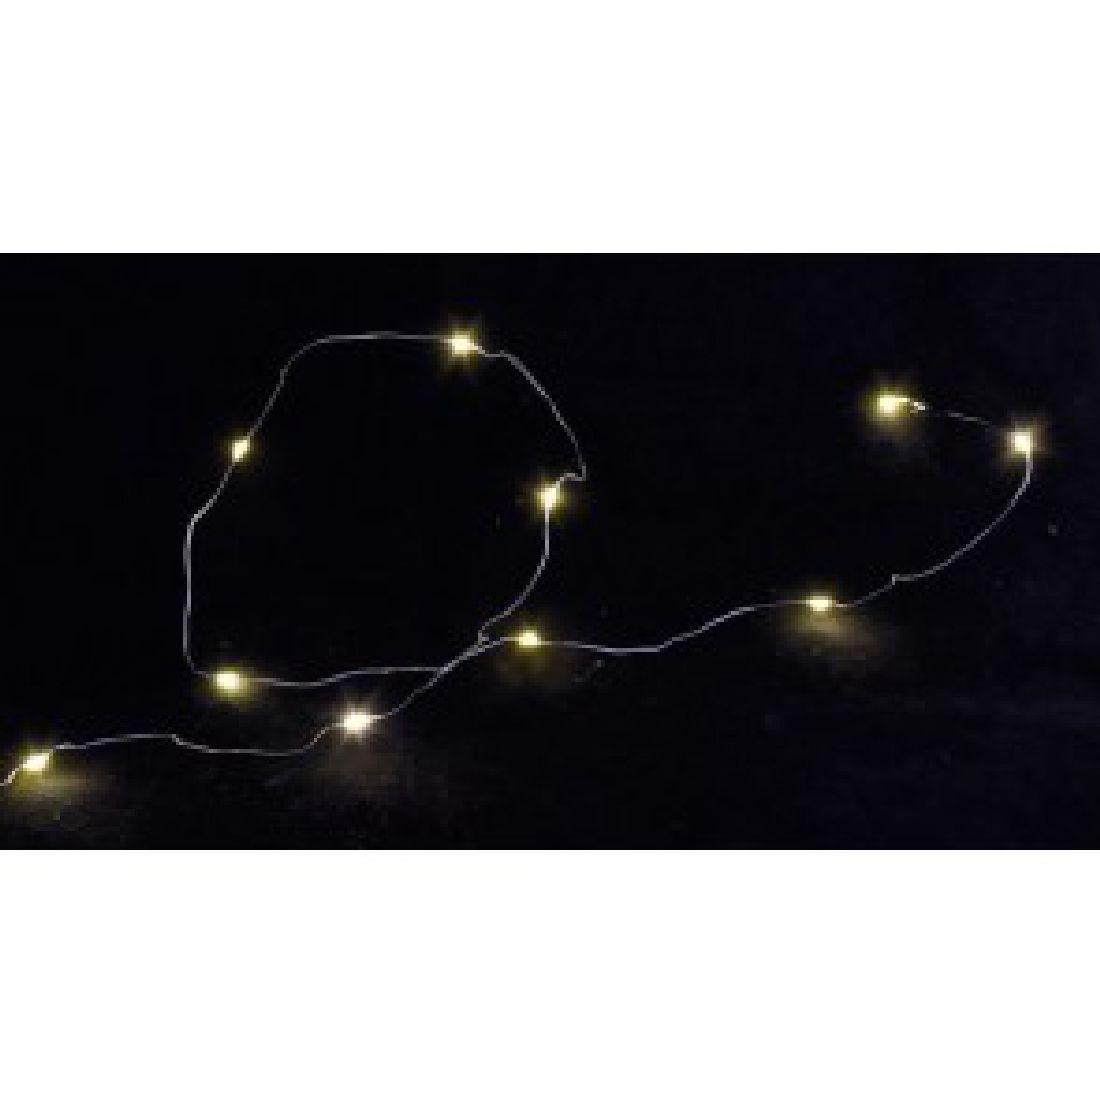 LED Lichterkette 55-0881  Drahtlichterkette 20 LED 200cm